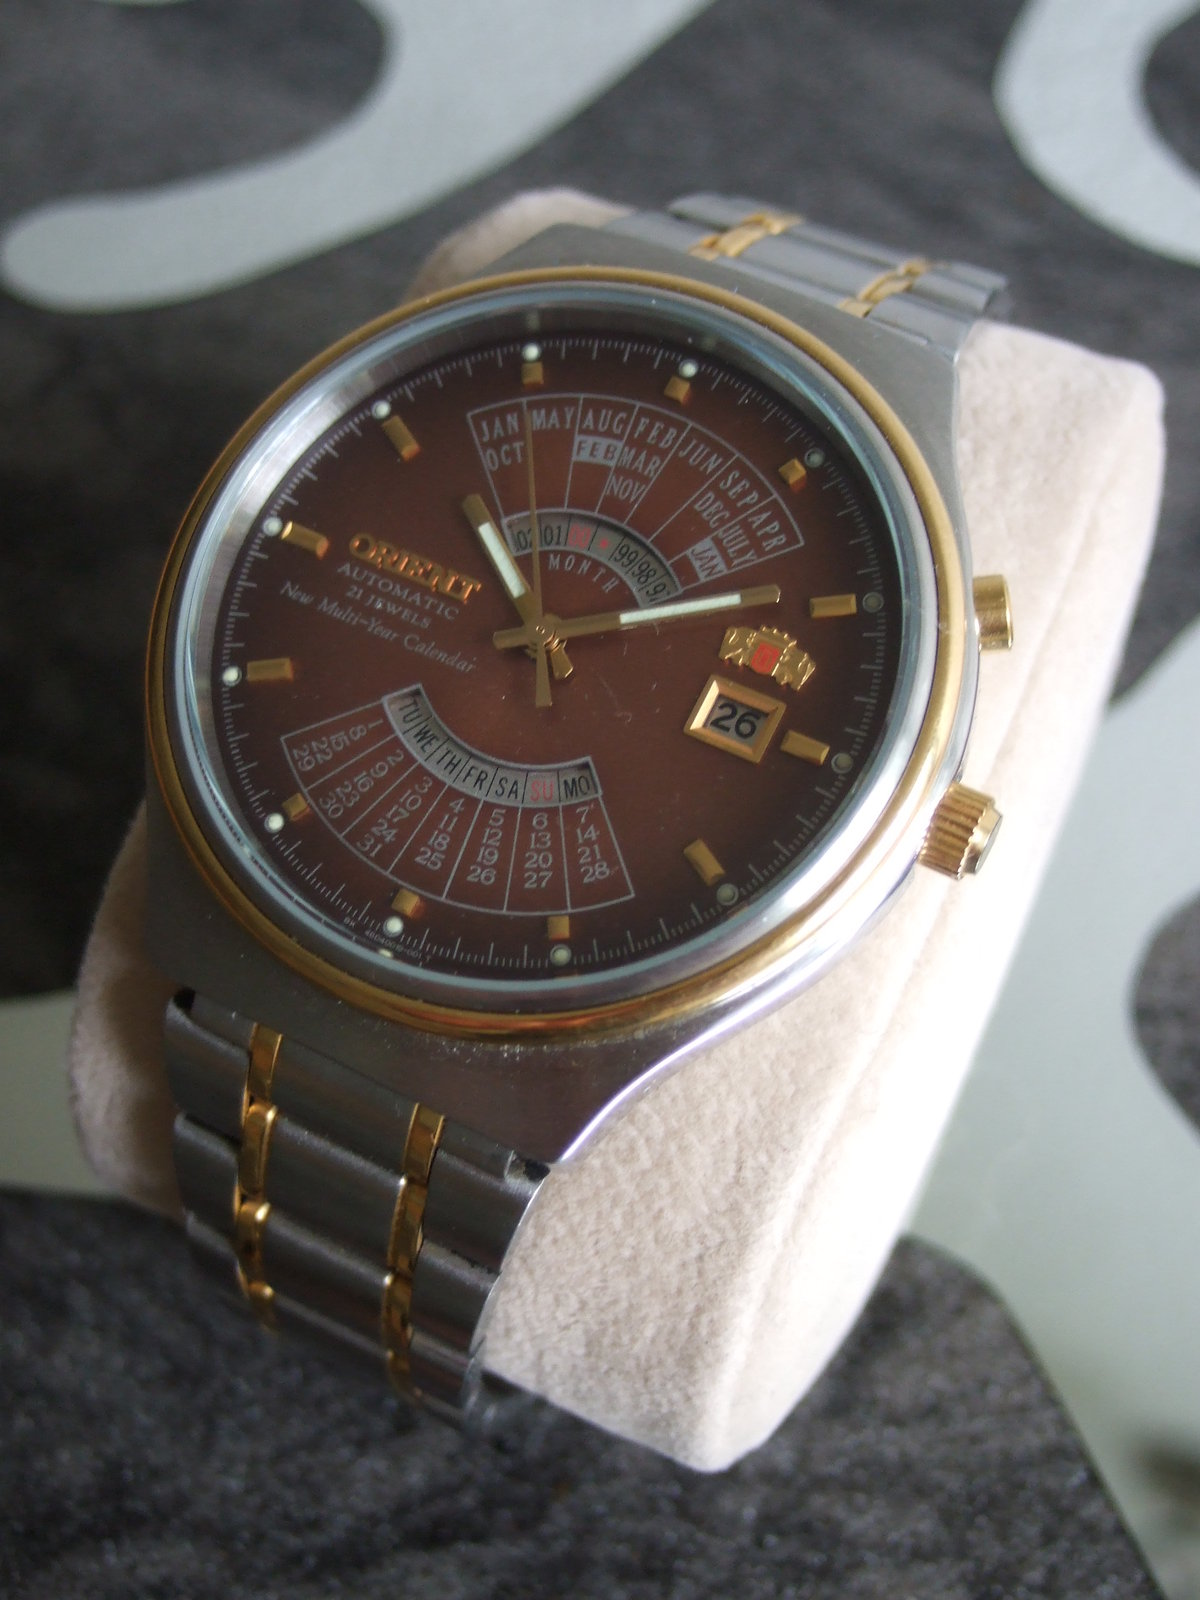 933508d1411395440t-orient-mehrjahres-kalenderuhr-sehr-gut-erhalten-bicolor-mit-stahlband-dscf5040.jpg